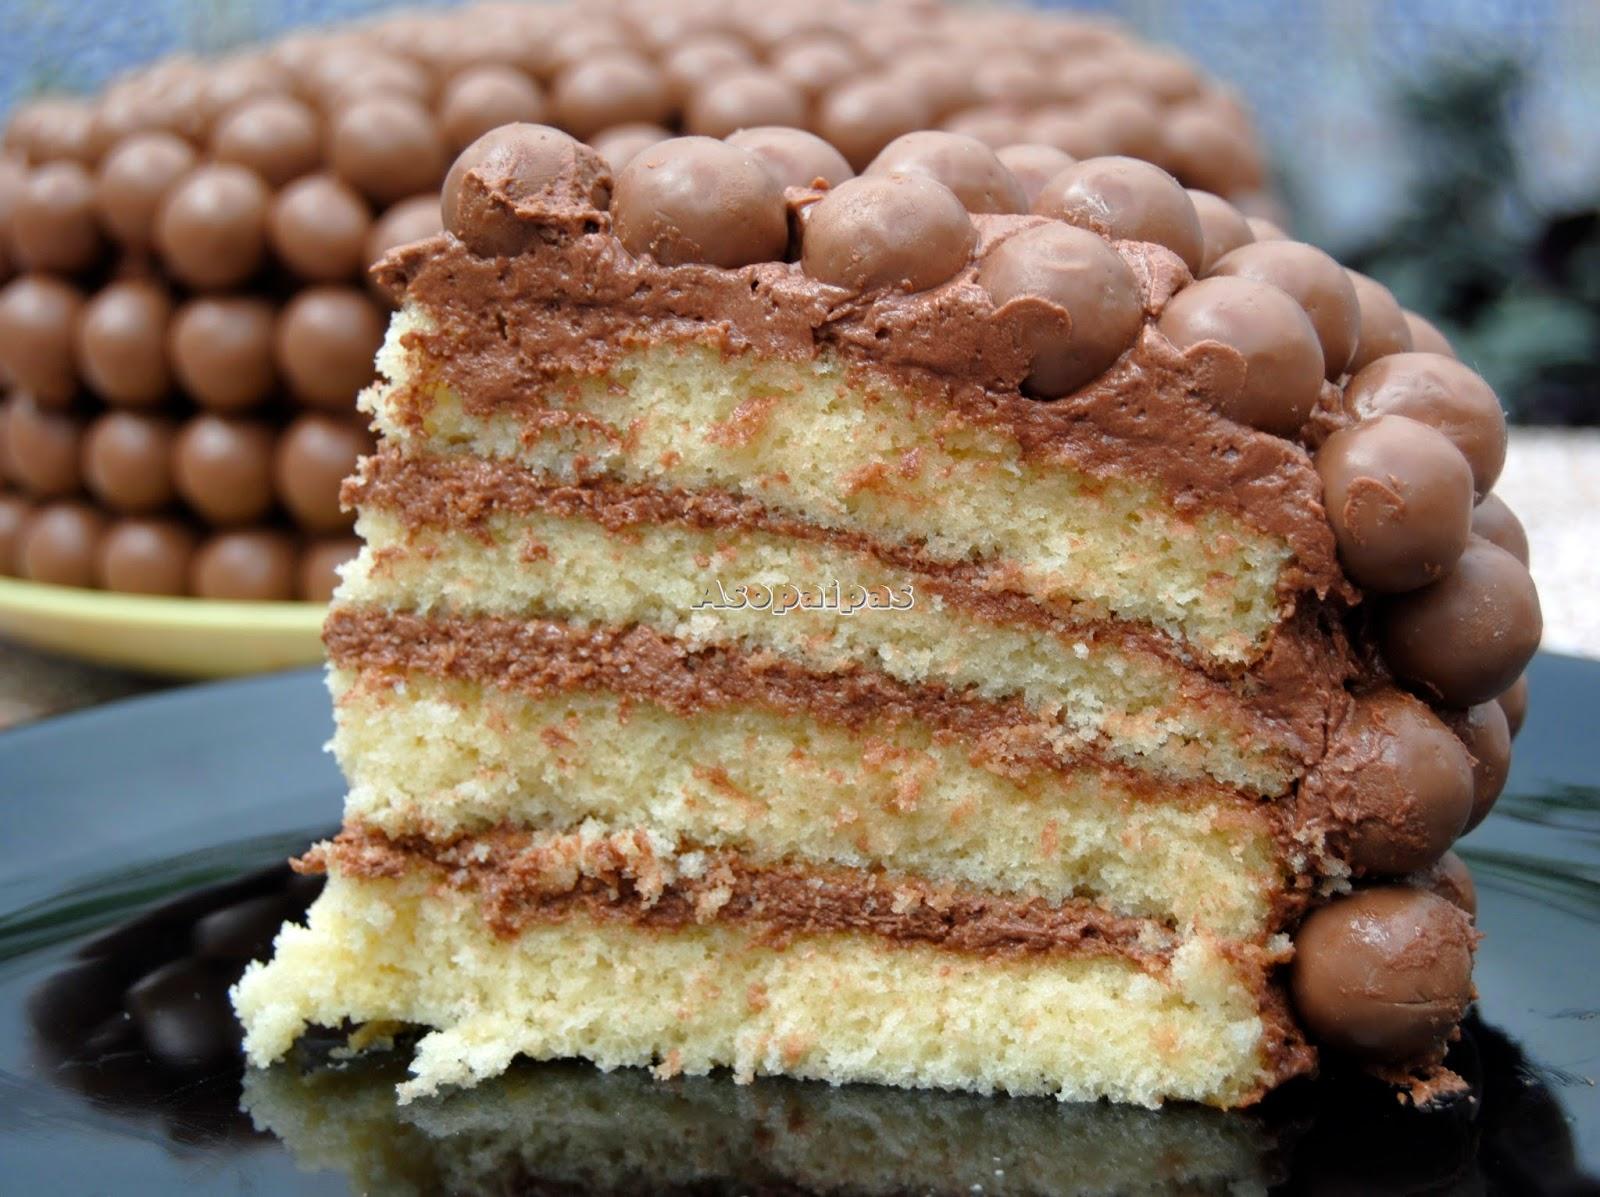 Tarta de Maltesers® (Maltesers Cake)